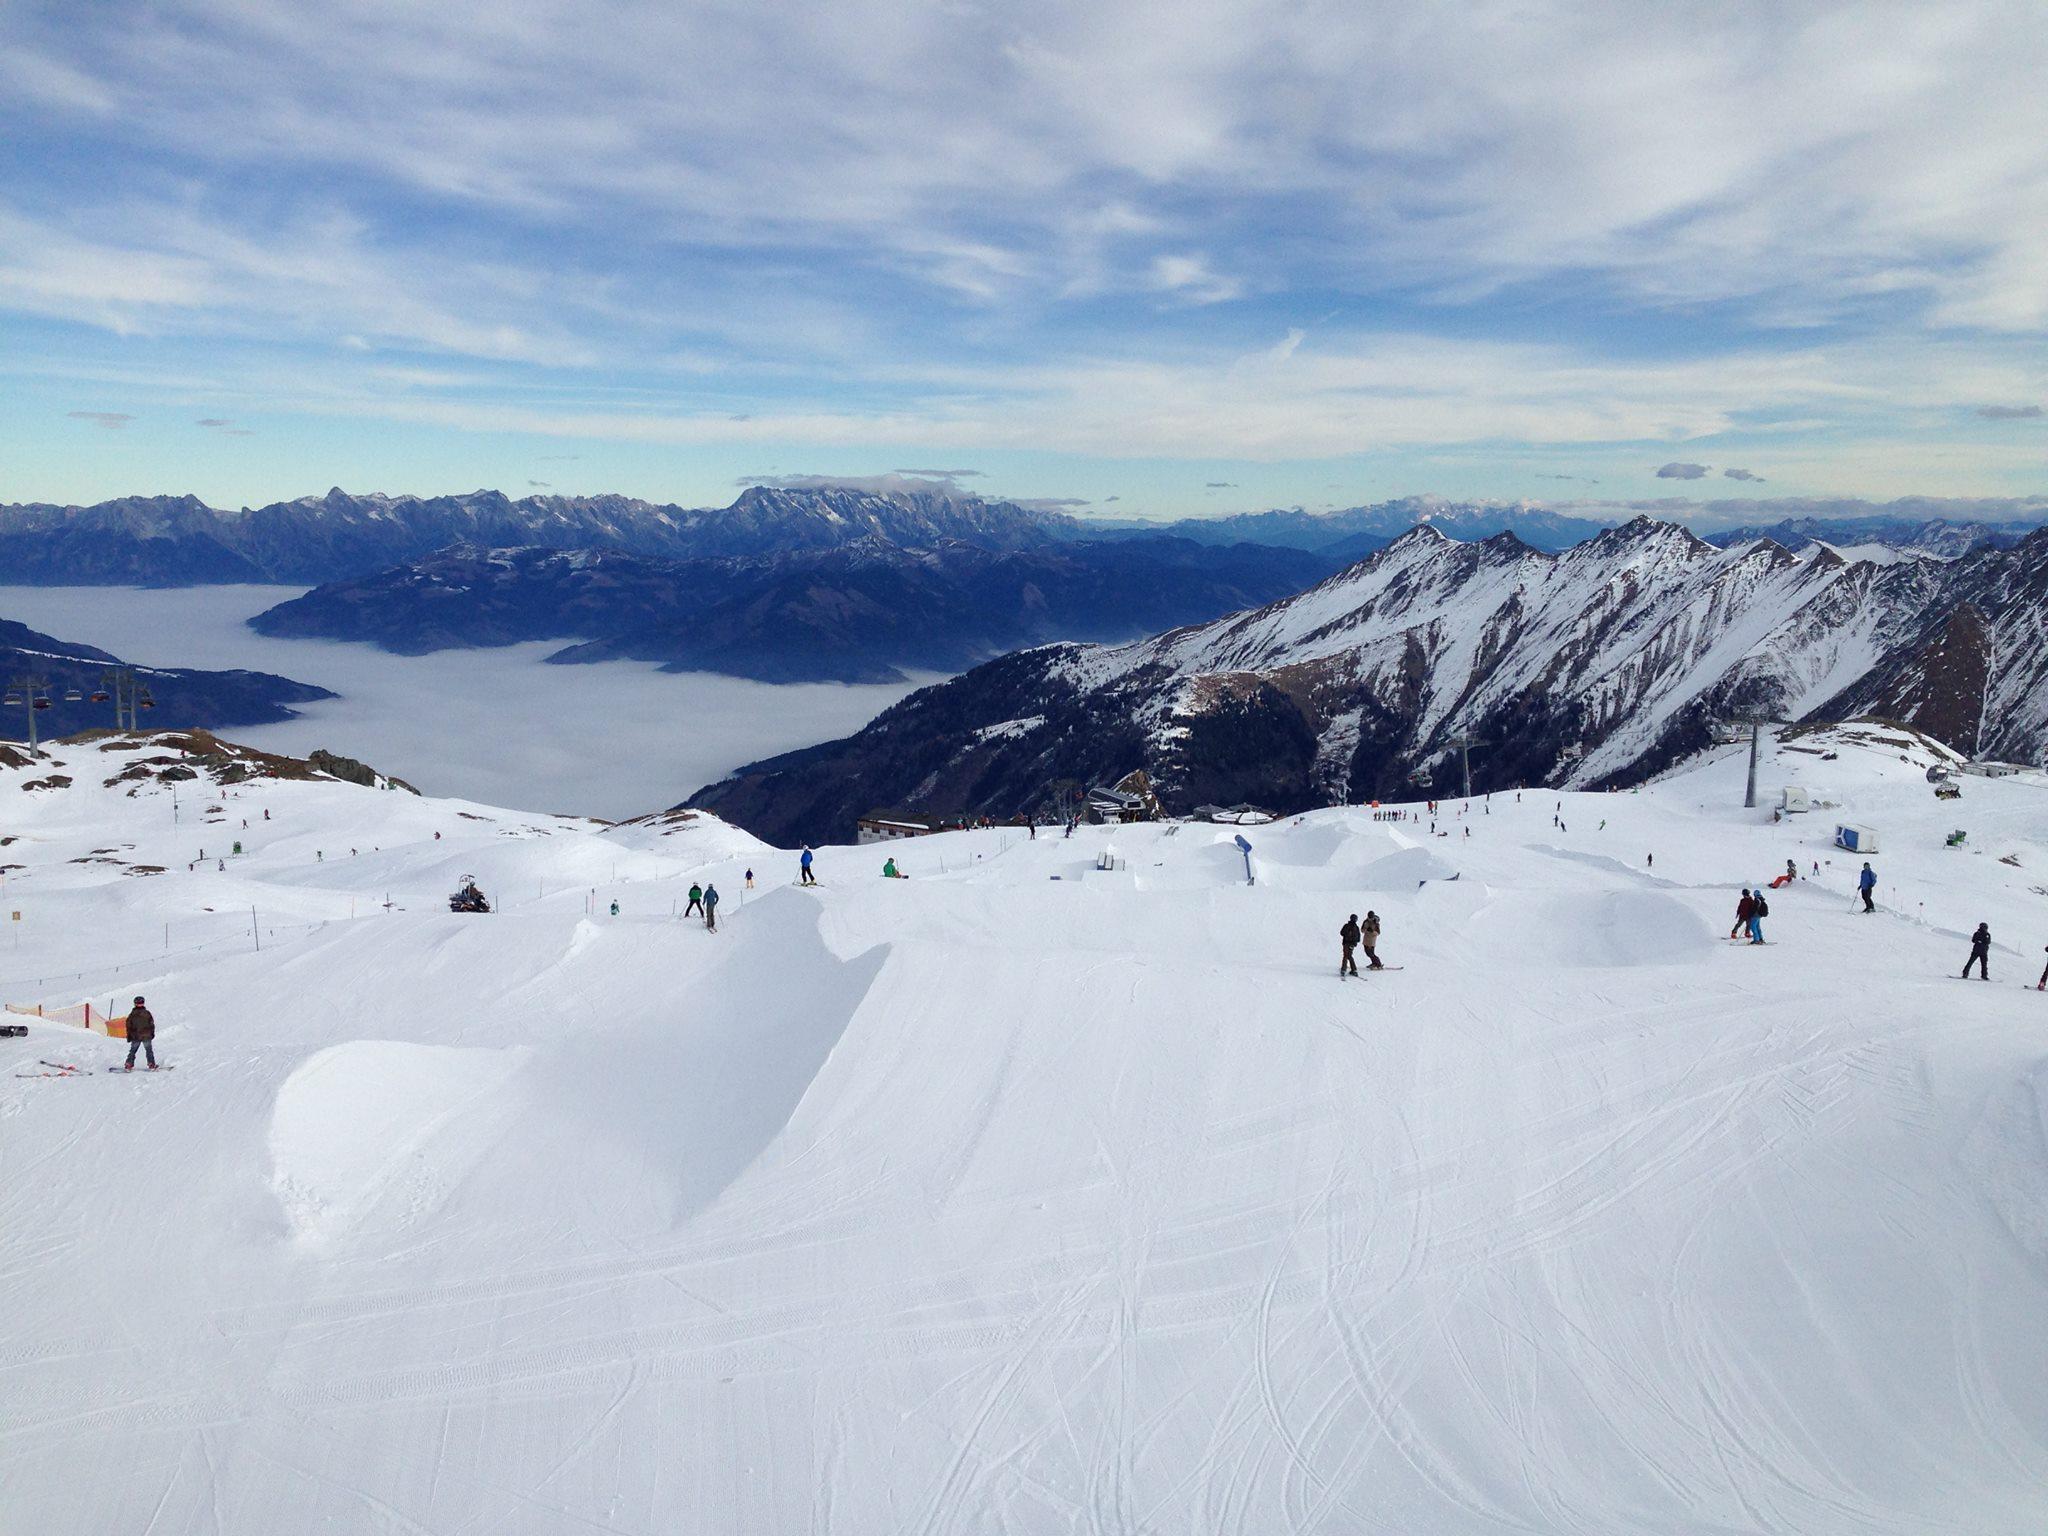 Der weiter unten gelegene Easy / Medium Snowpark am Kitzsteinhorn